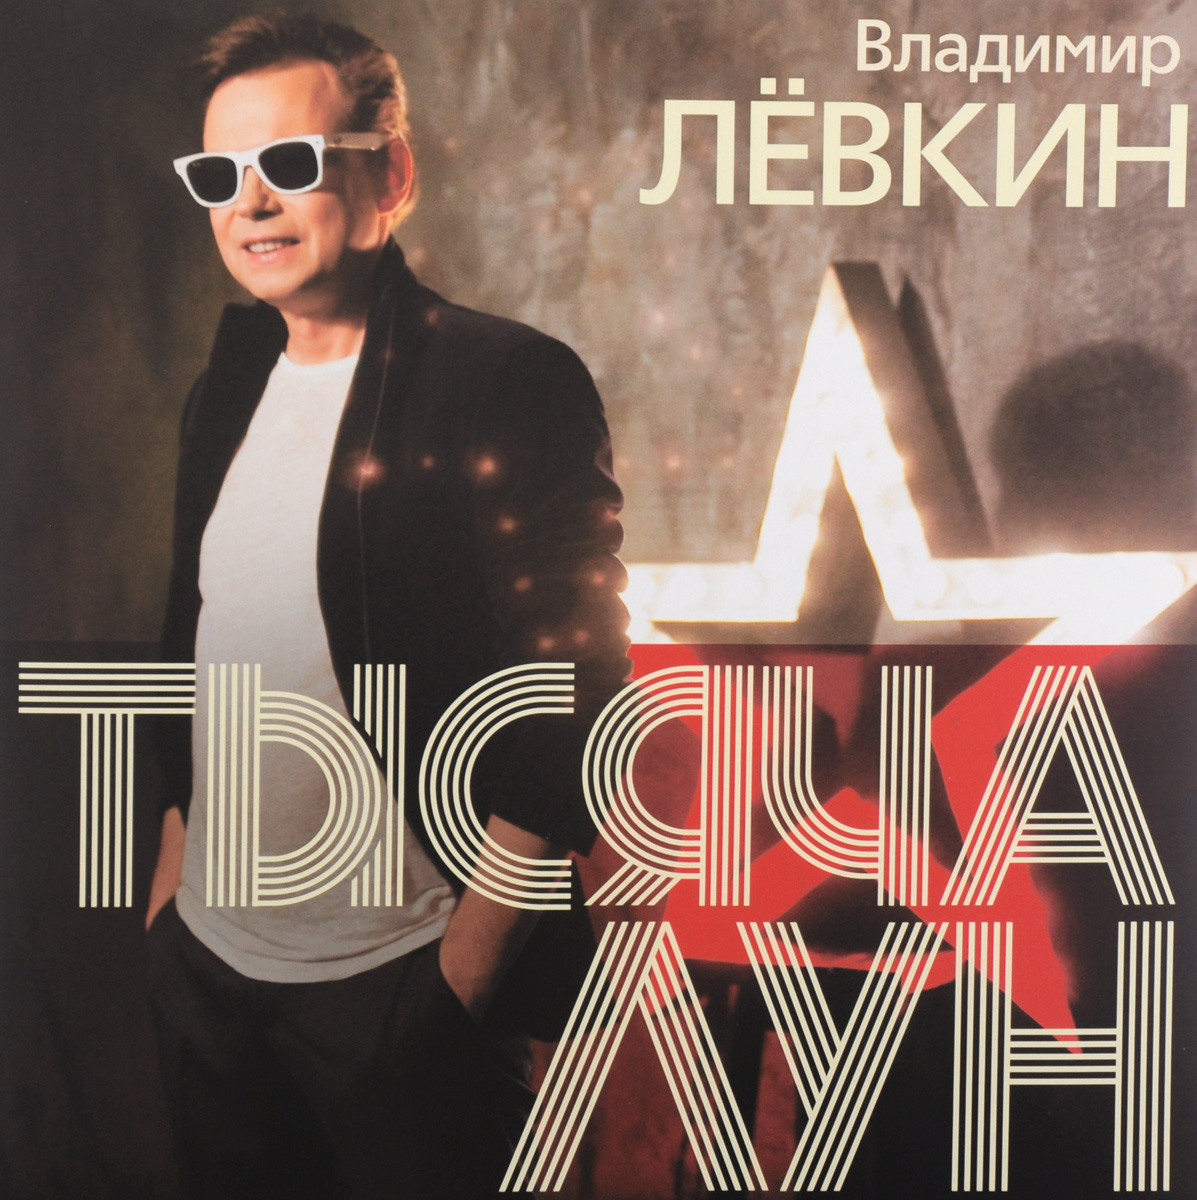 Владимир Левкин Владимир Левкин. Тысяча лун (LP) зинченко владимир